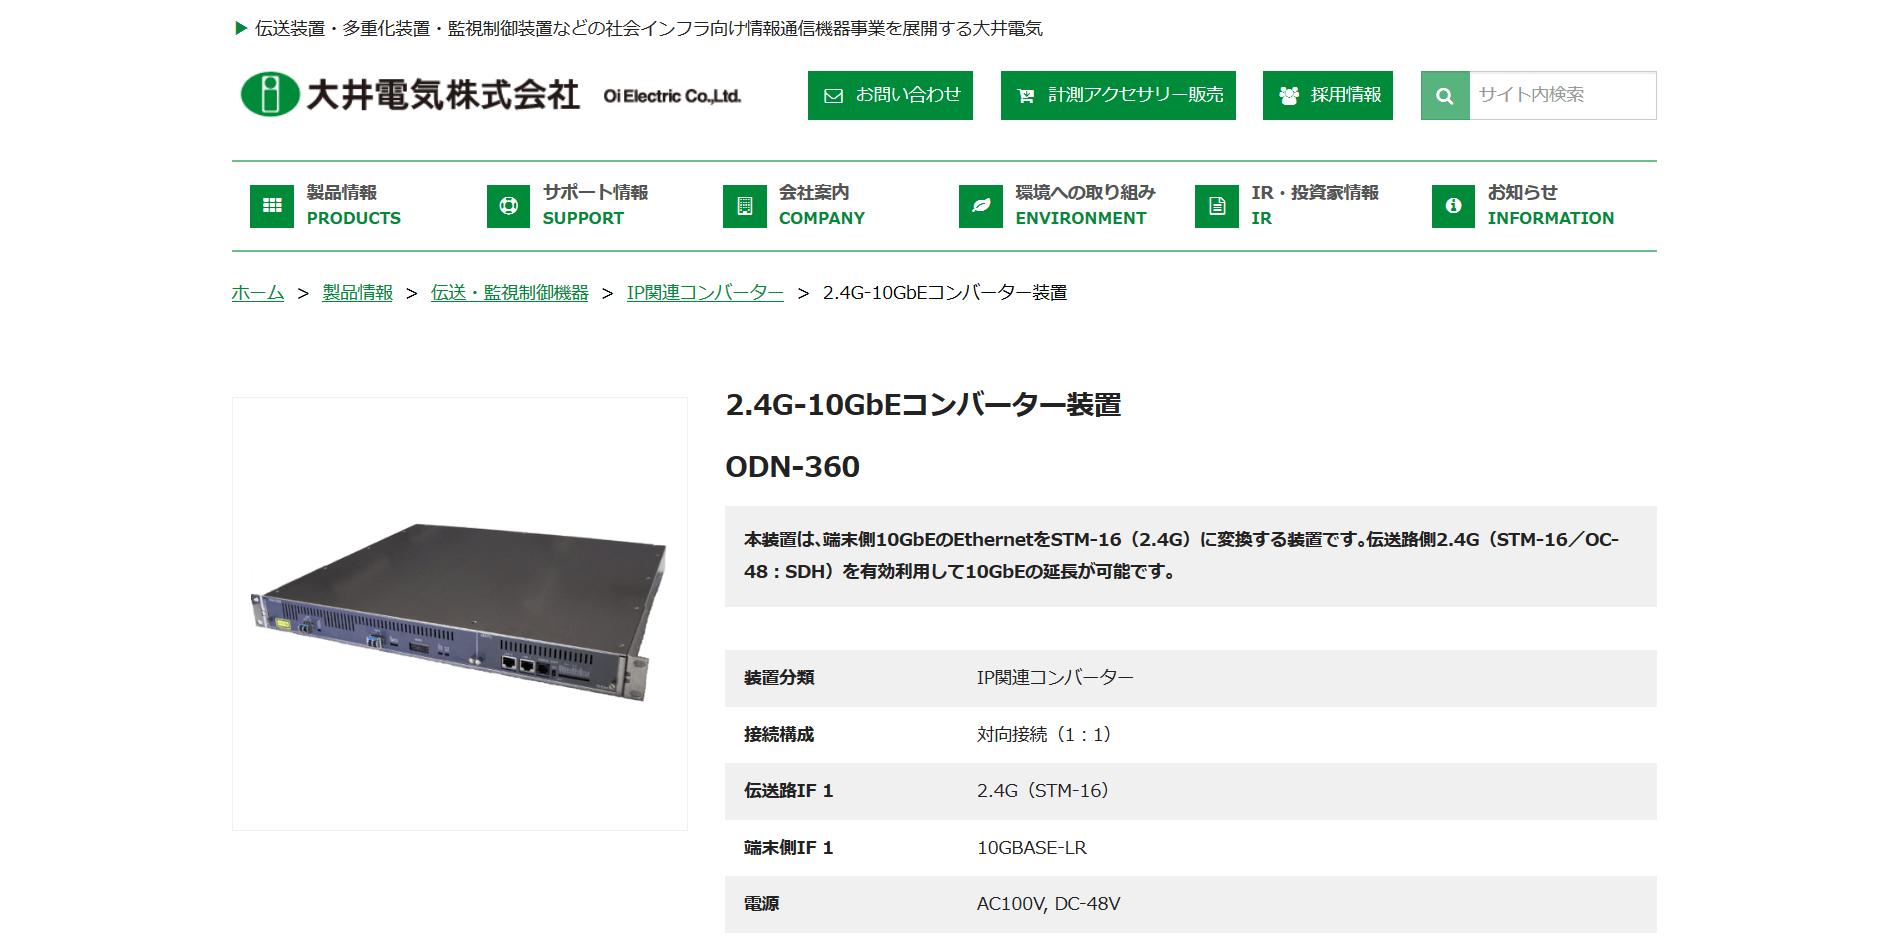 2.4G-10GbEコンバーター装置